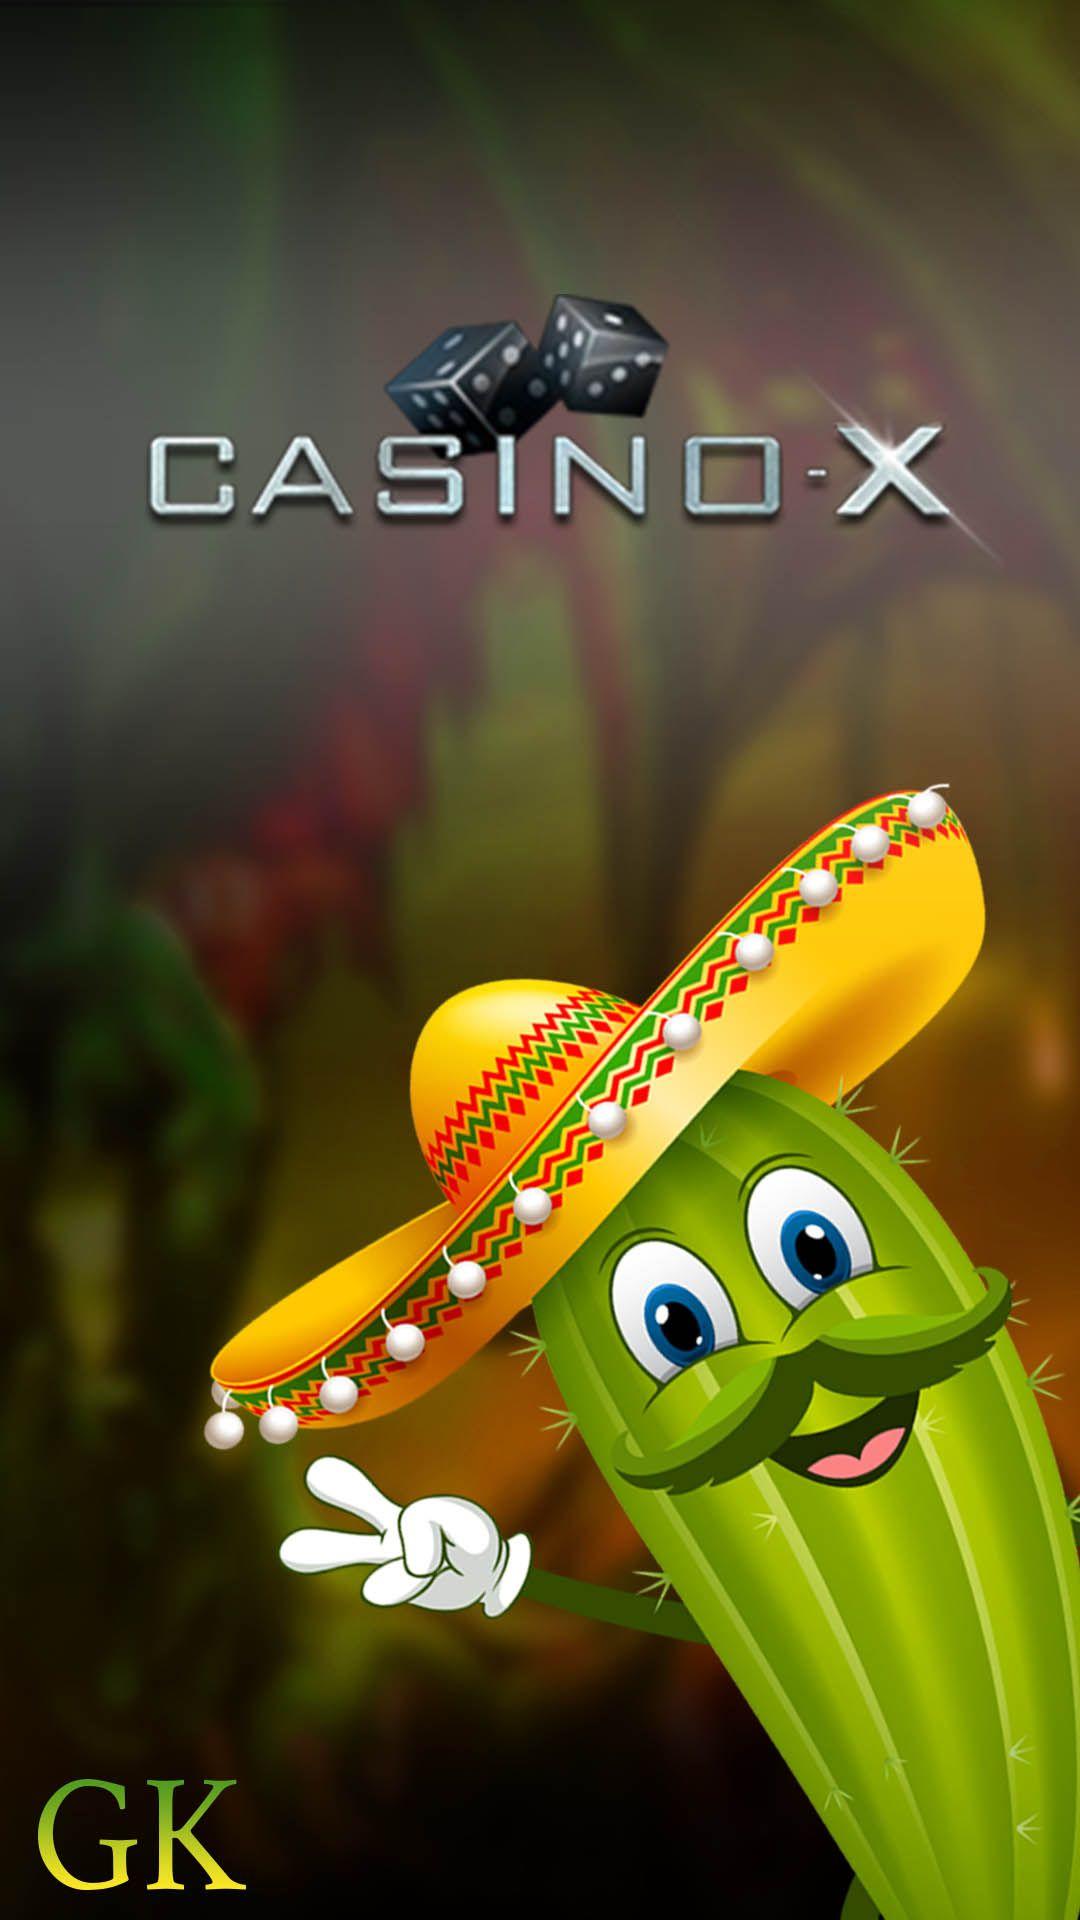 Casino X   Casino Review   Casino reviews, Casino bet, Casino